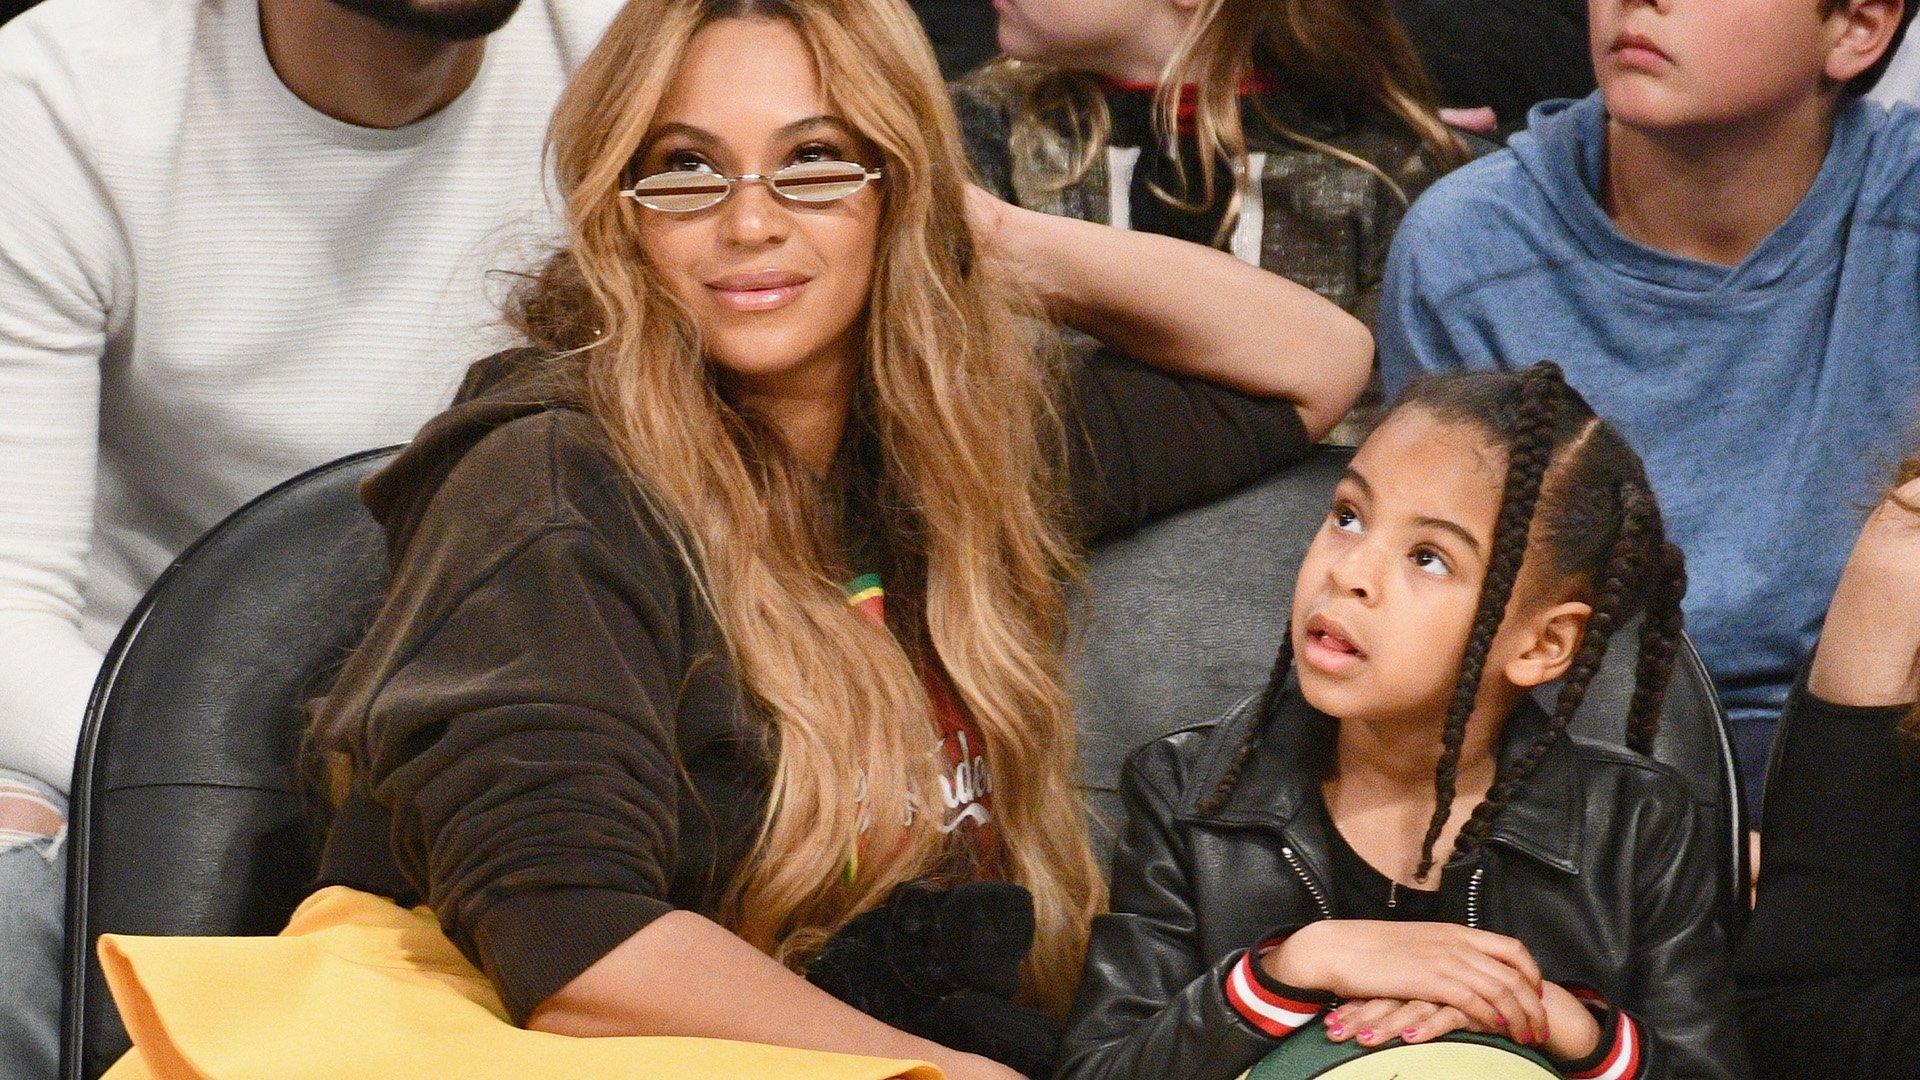 beyonce blue ivy1.jpg?resize=1200,630 - Beyoncé fala sobre como seu corpo mudou após a gravidez e faz relato emocionante sobre como espera que seus filhos cresçam